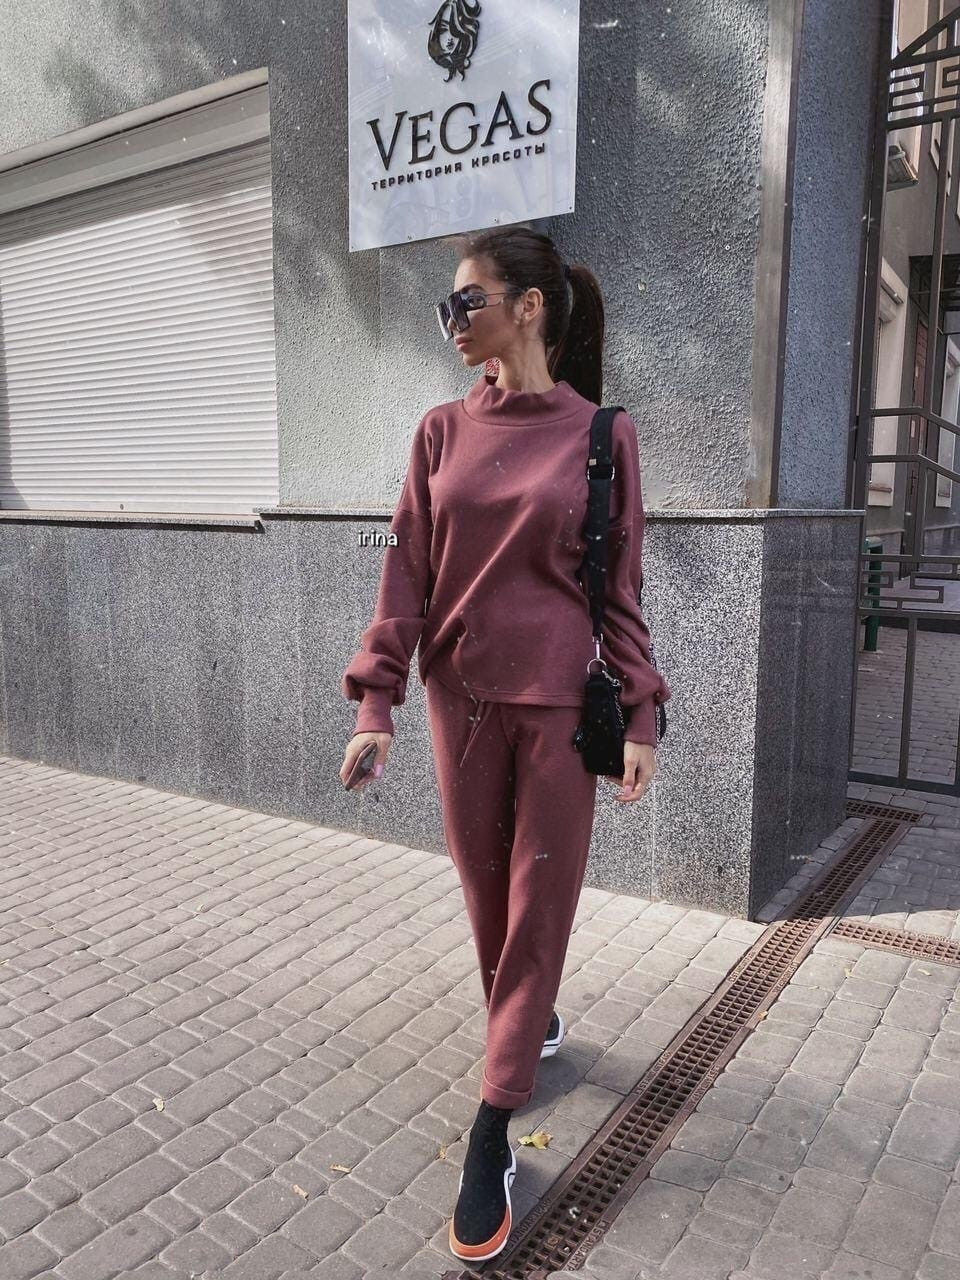 Женский повседневный  костюм Цвет : бежевый, пудра, чёрный. Размер S-М и М-L